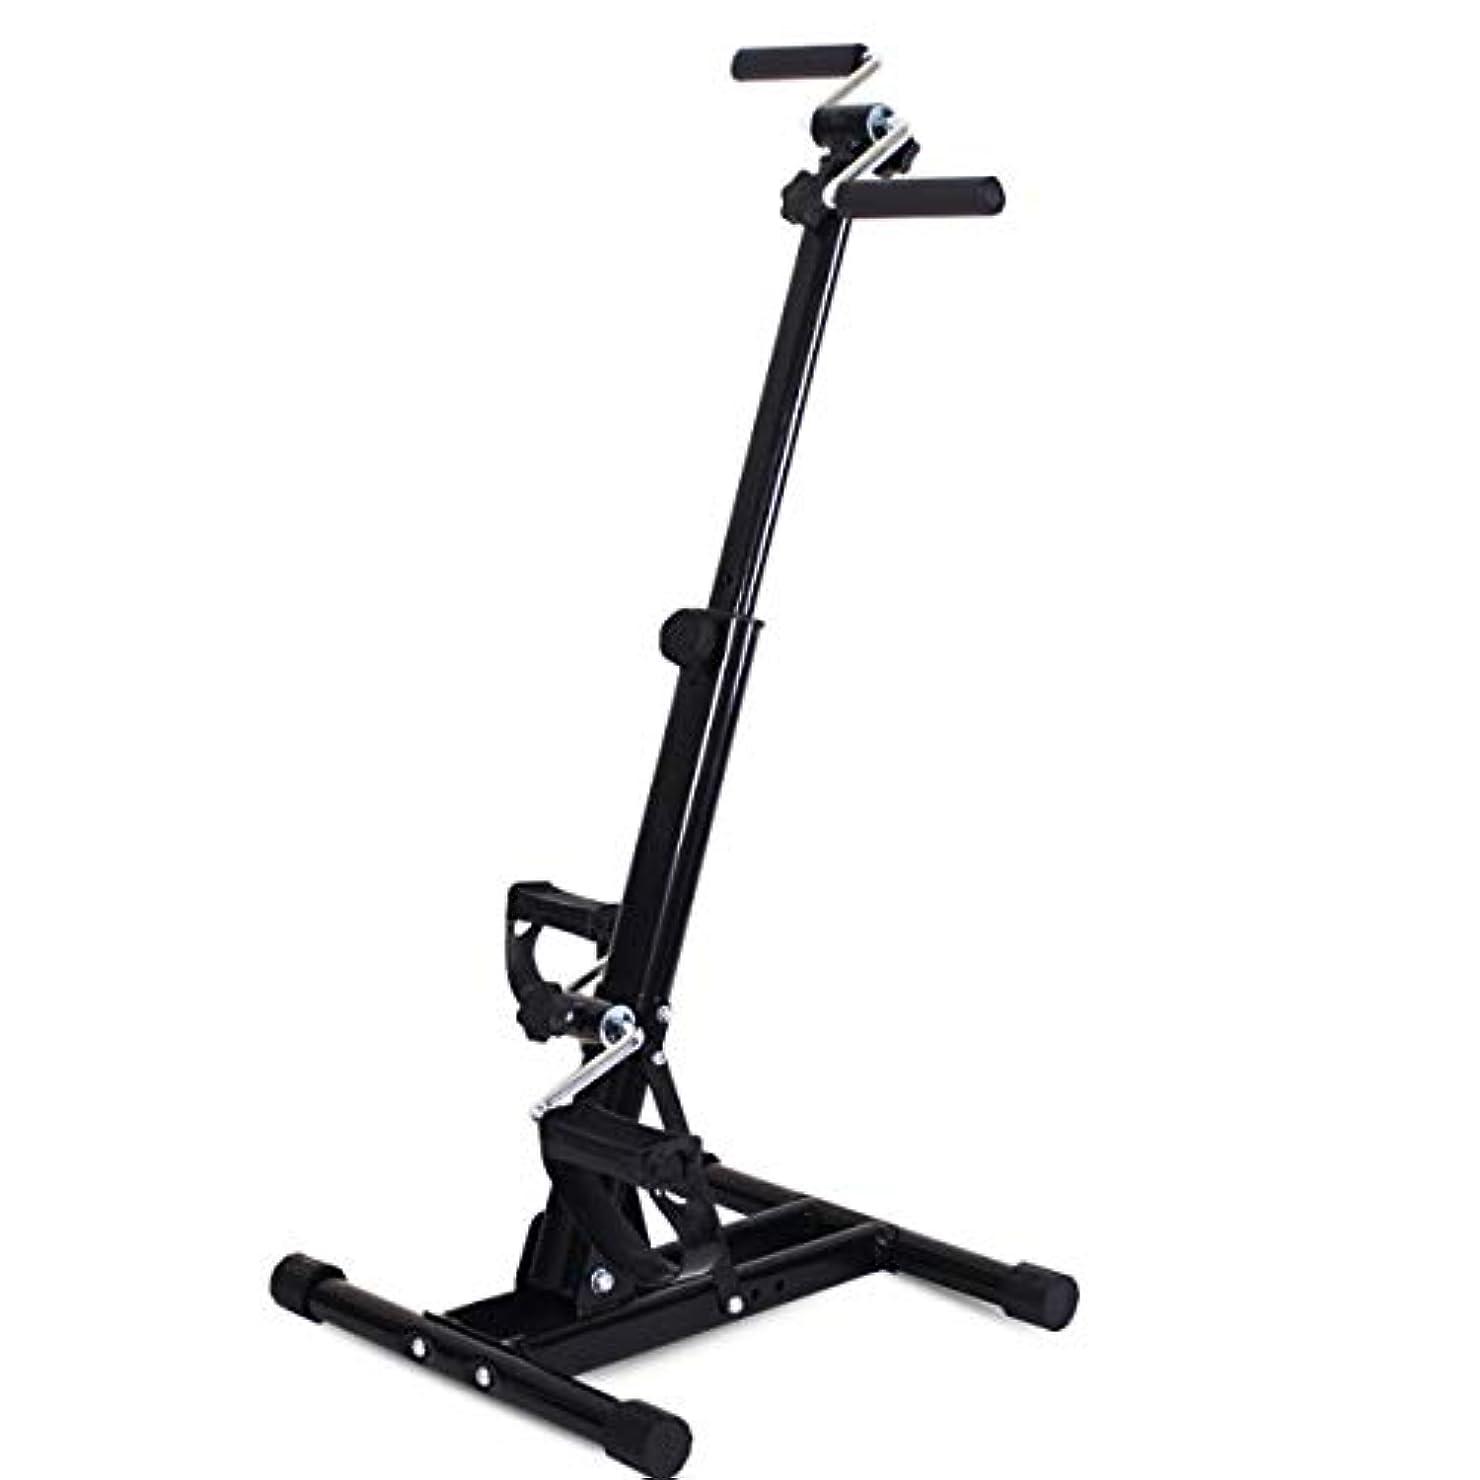 耳適合する着服高齢者リハビリテーション訓練自転車、ホームレッグアームペダルエクササイザー、上肢および下肢のトレーニング機器、ホーム理学療法フィットネストレーニング,A